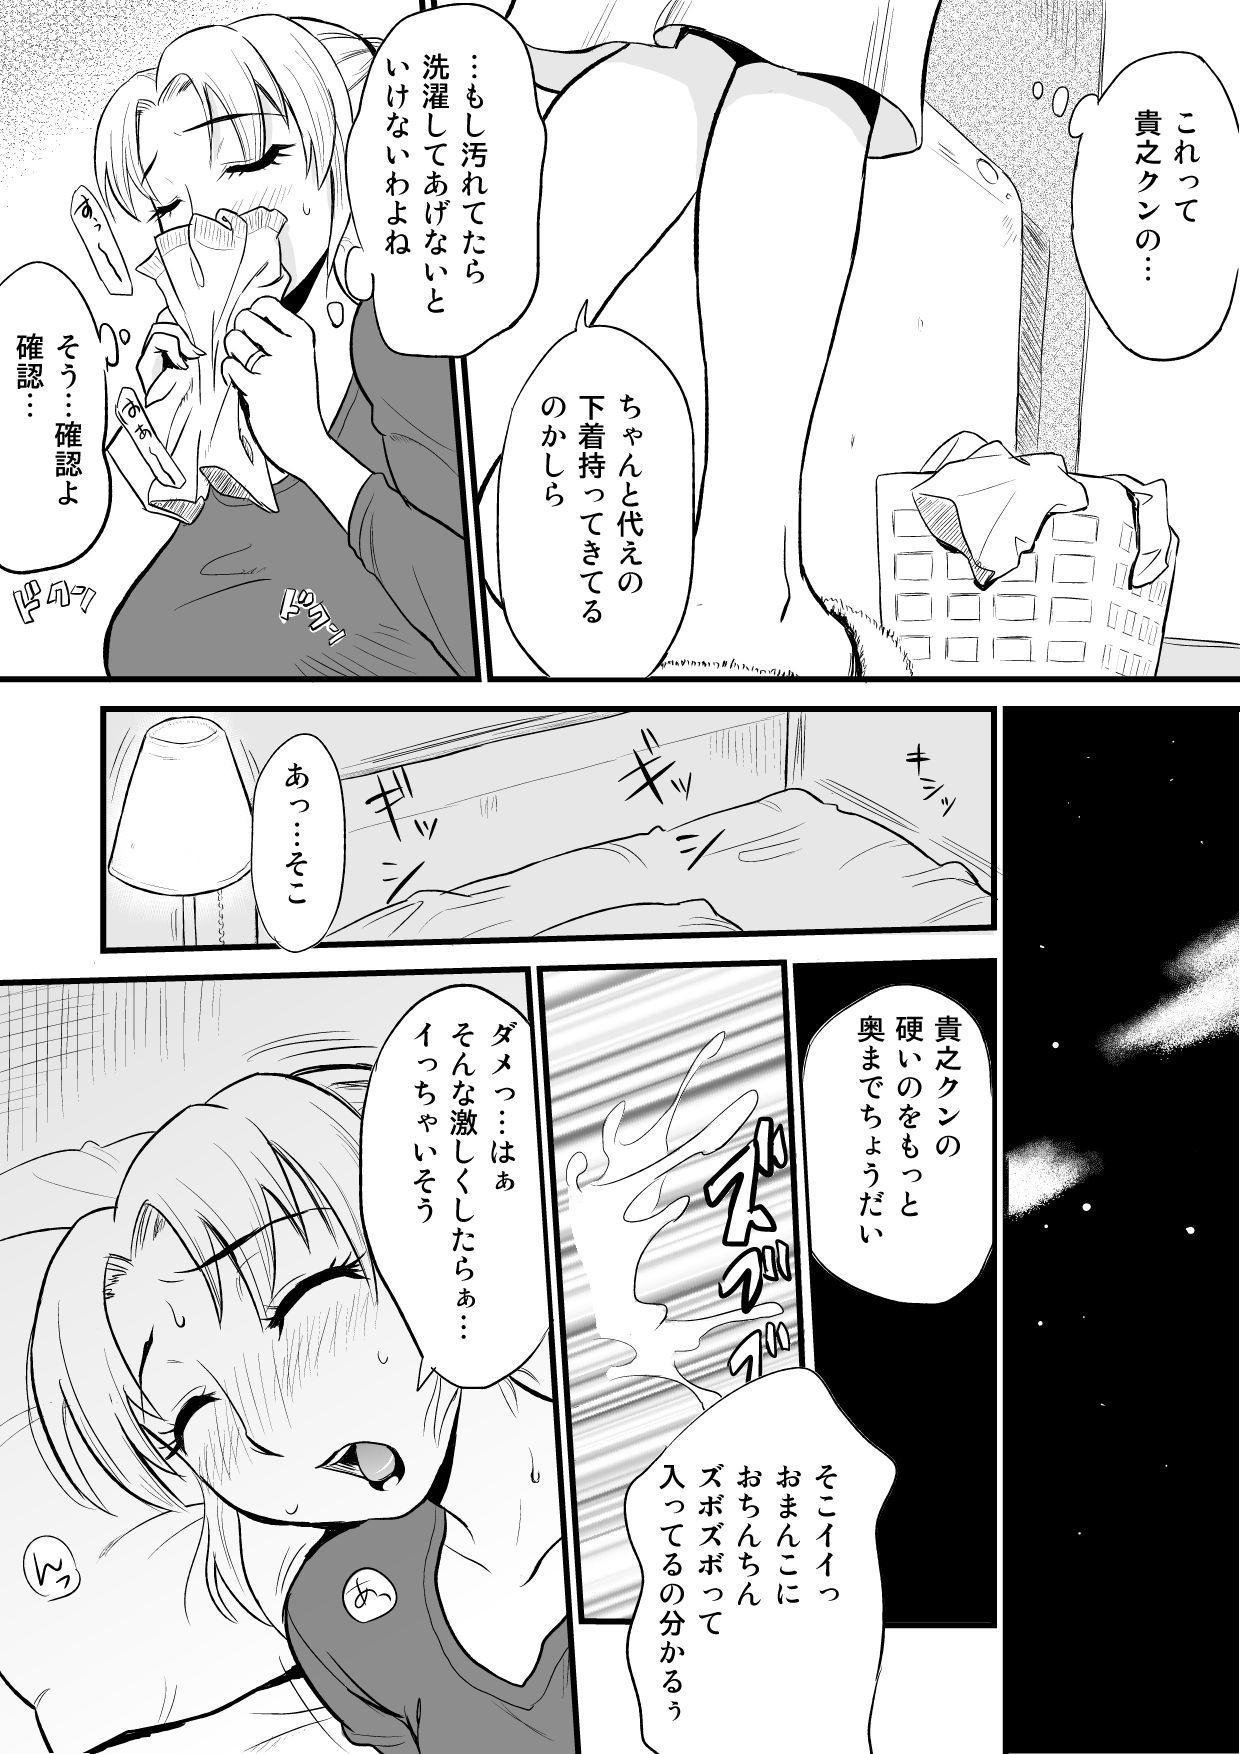 Yuujin no Mama ga Onanie no Otetsudai? 5